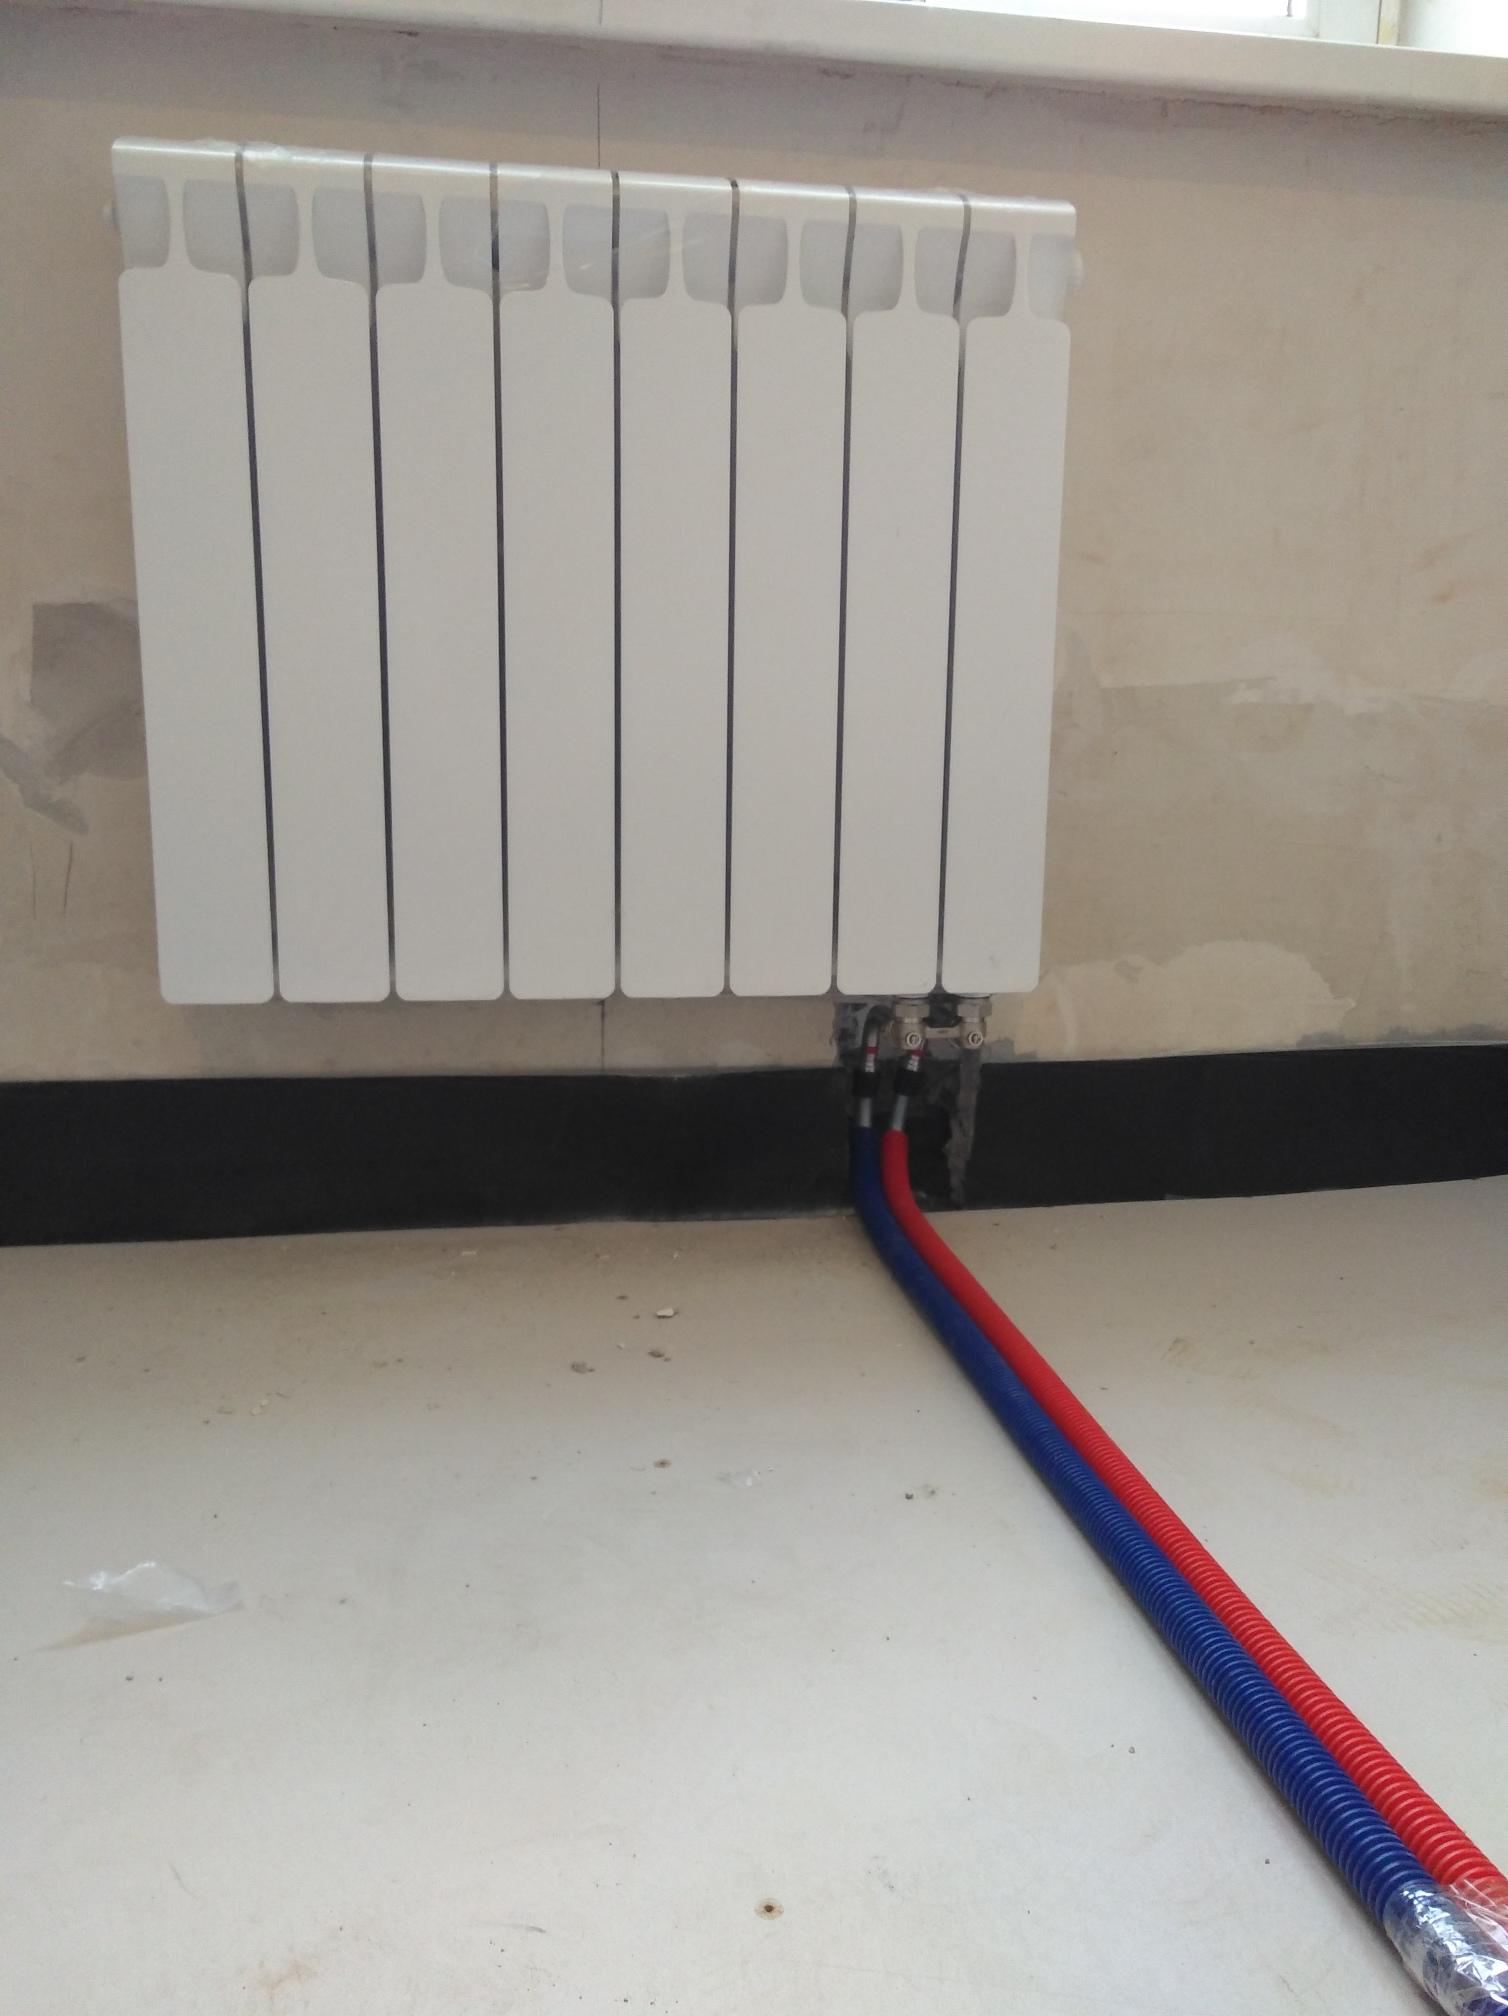 montazh-radiatorov-otopleniya-07